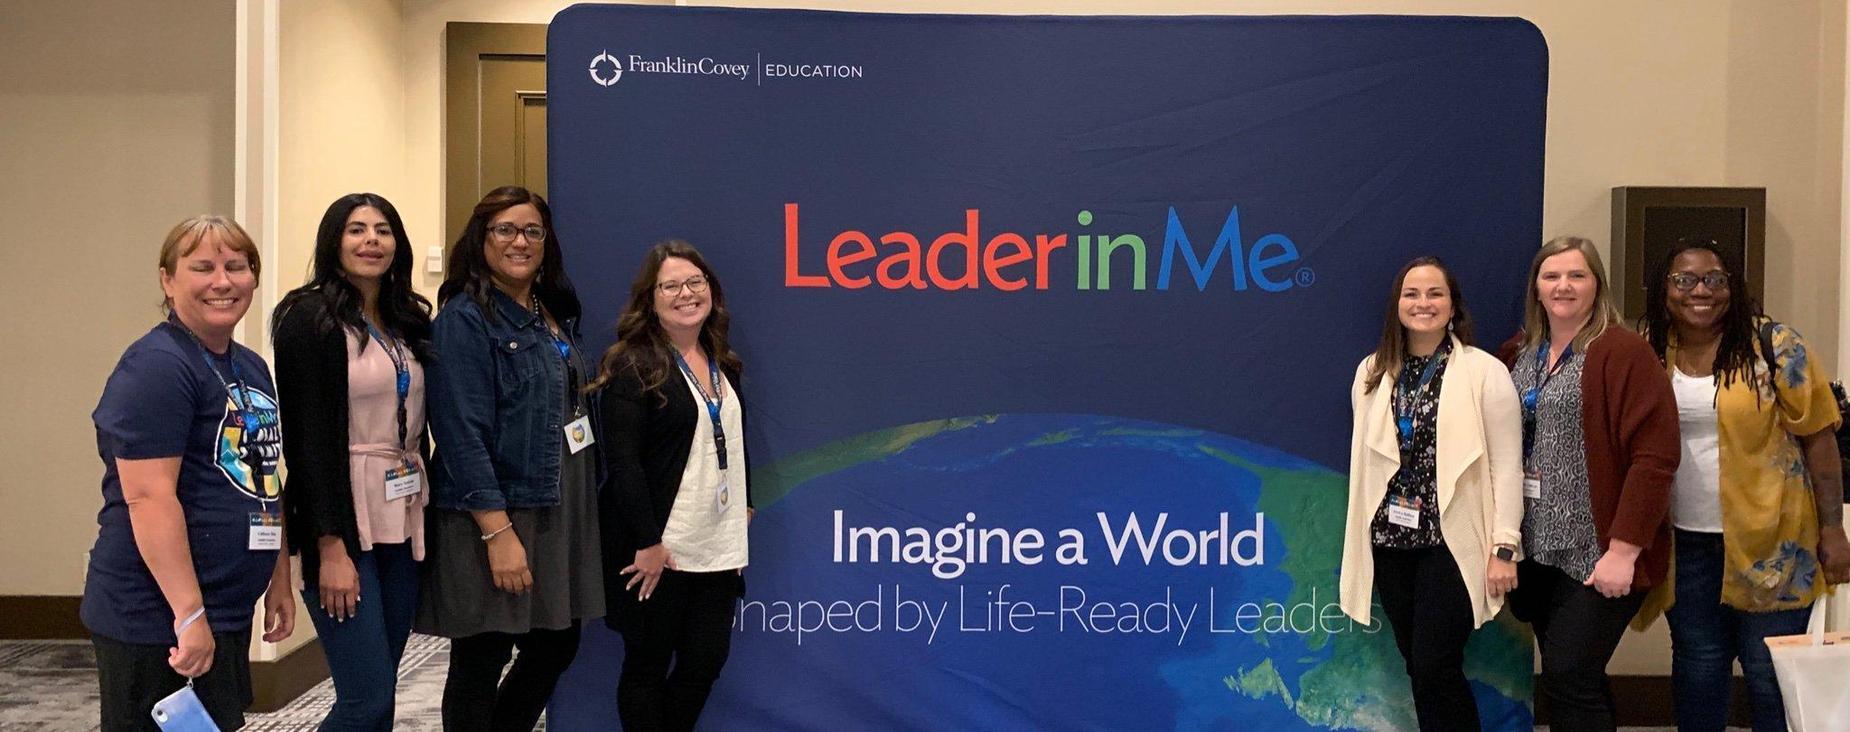 Leader in Me Global Summit